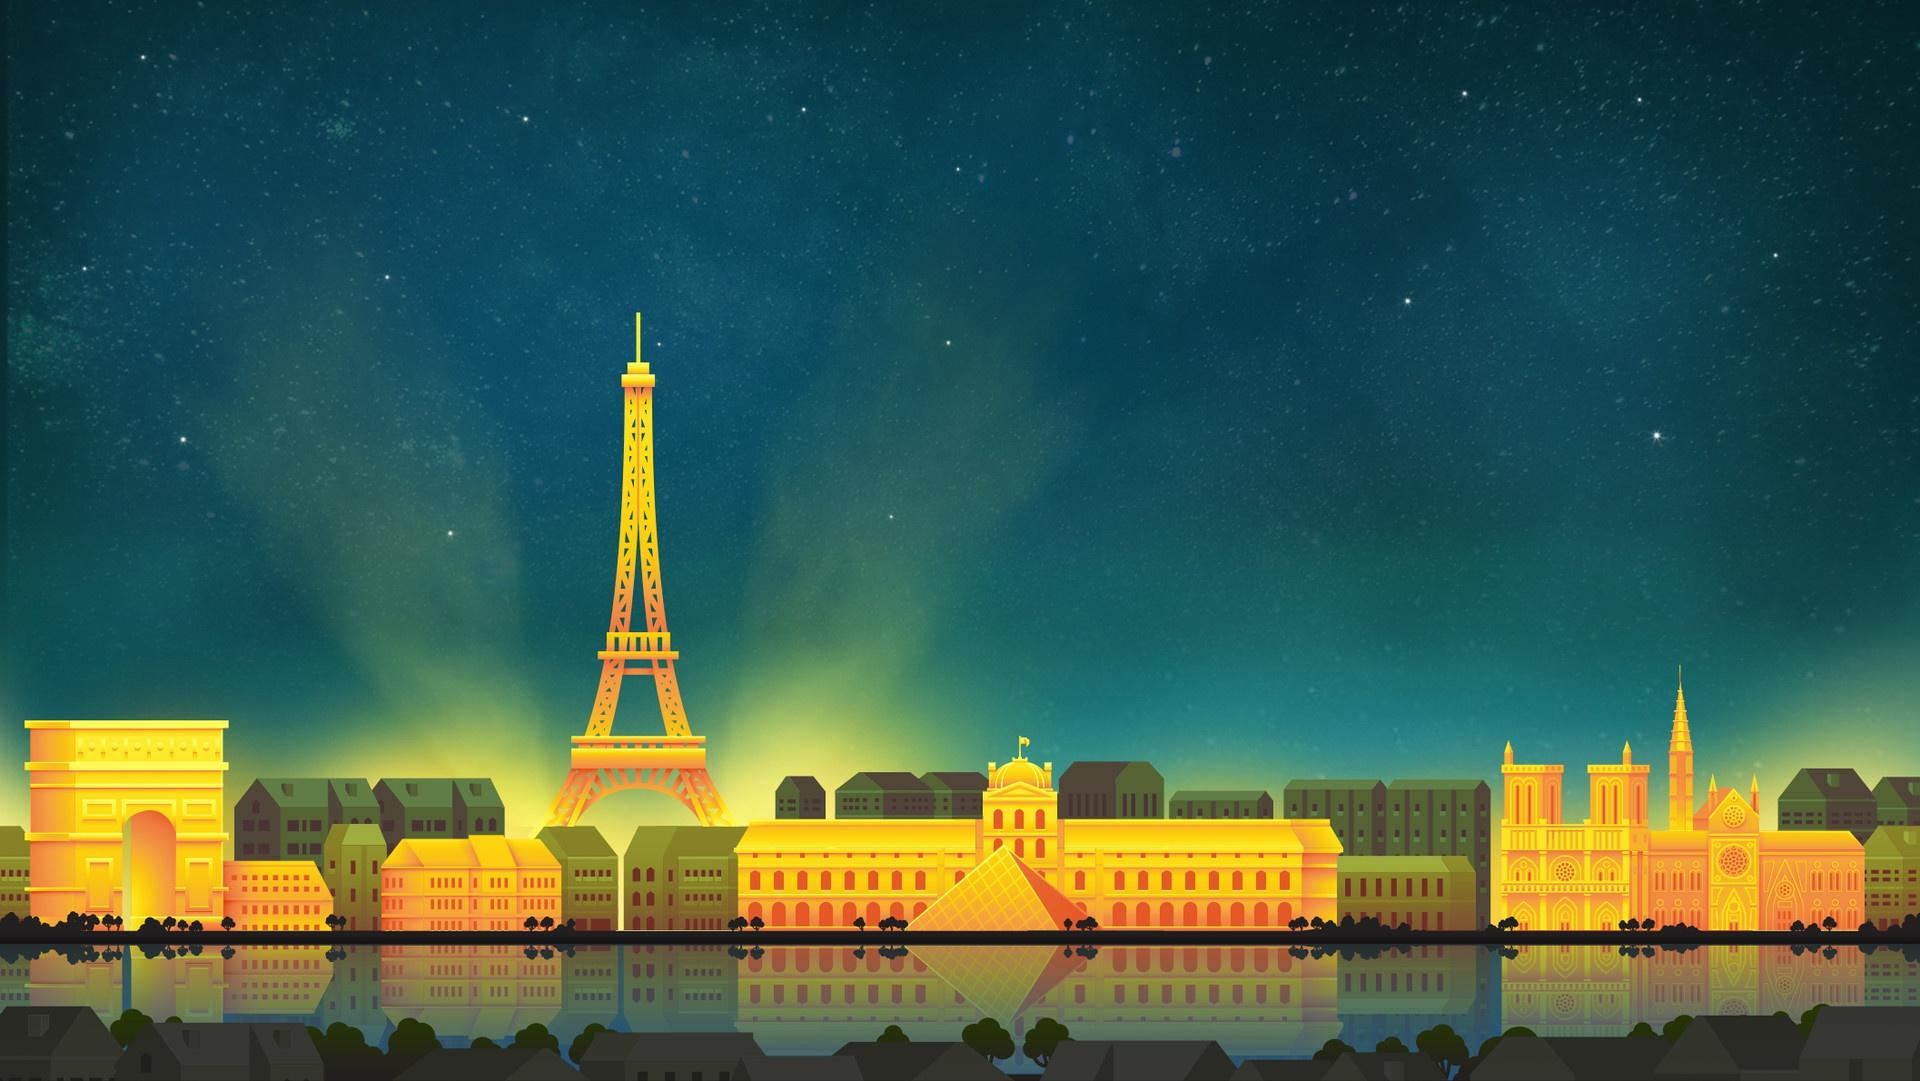 Paris Eiffel Tower Minimalist Hd Artist 4k Wallpapers